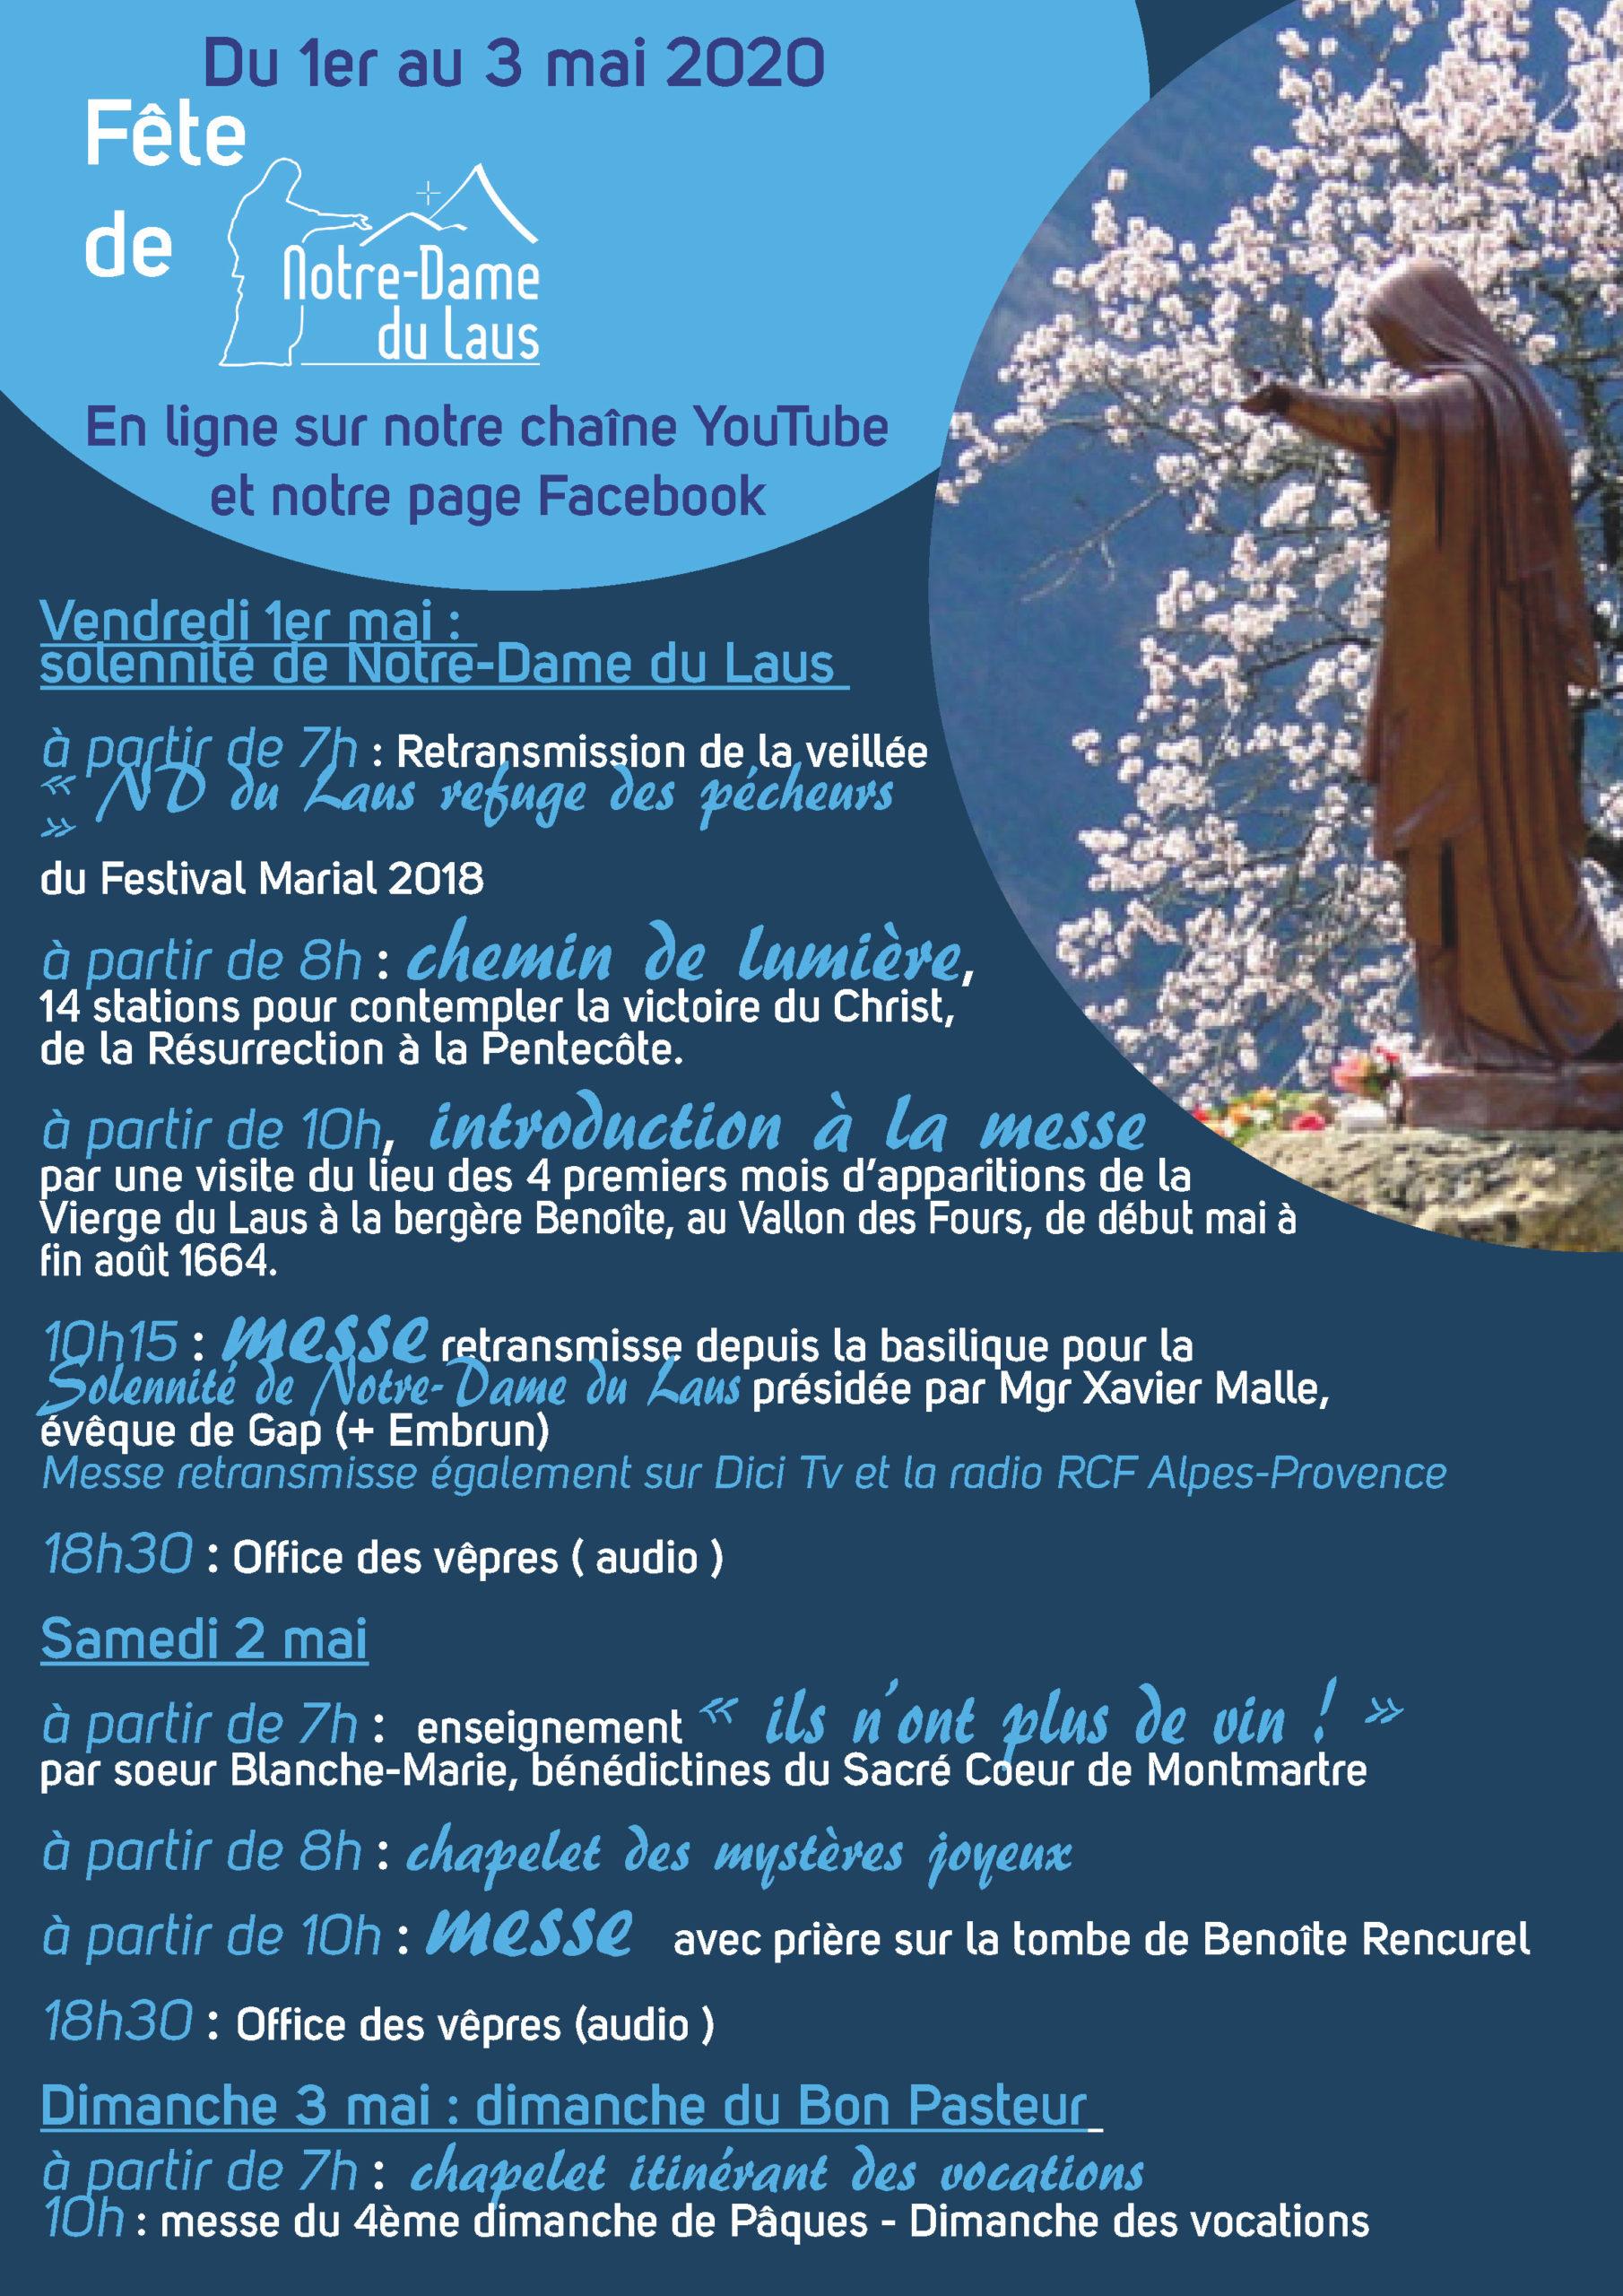 (Re)Vivez la fête de Notre-Dame du Laus en ligne